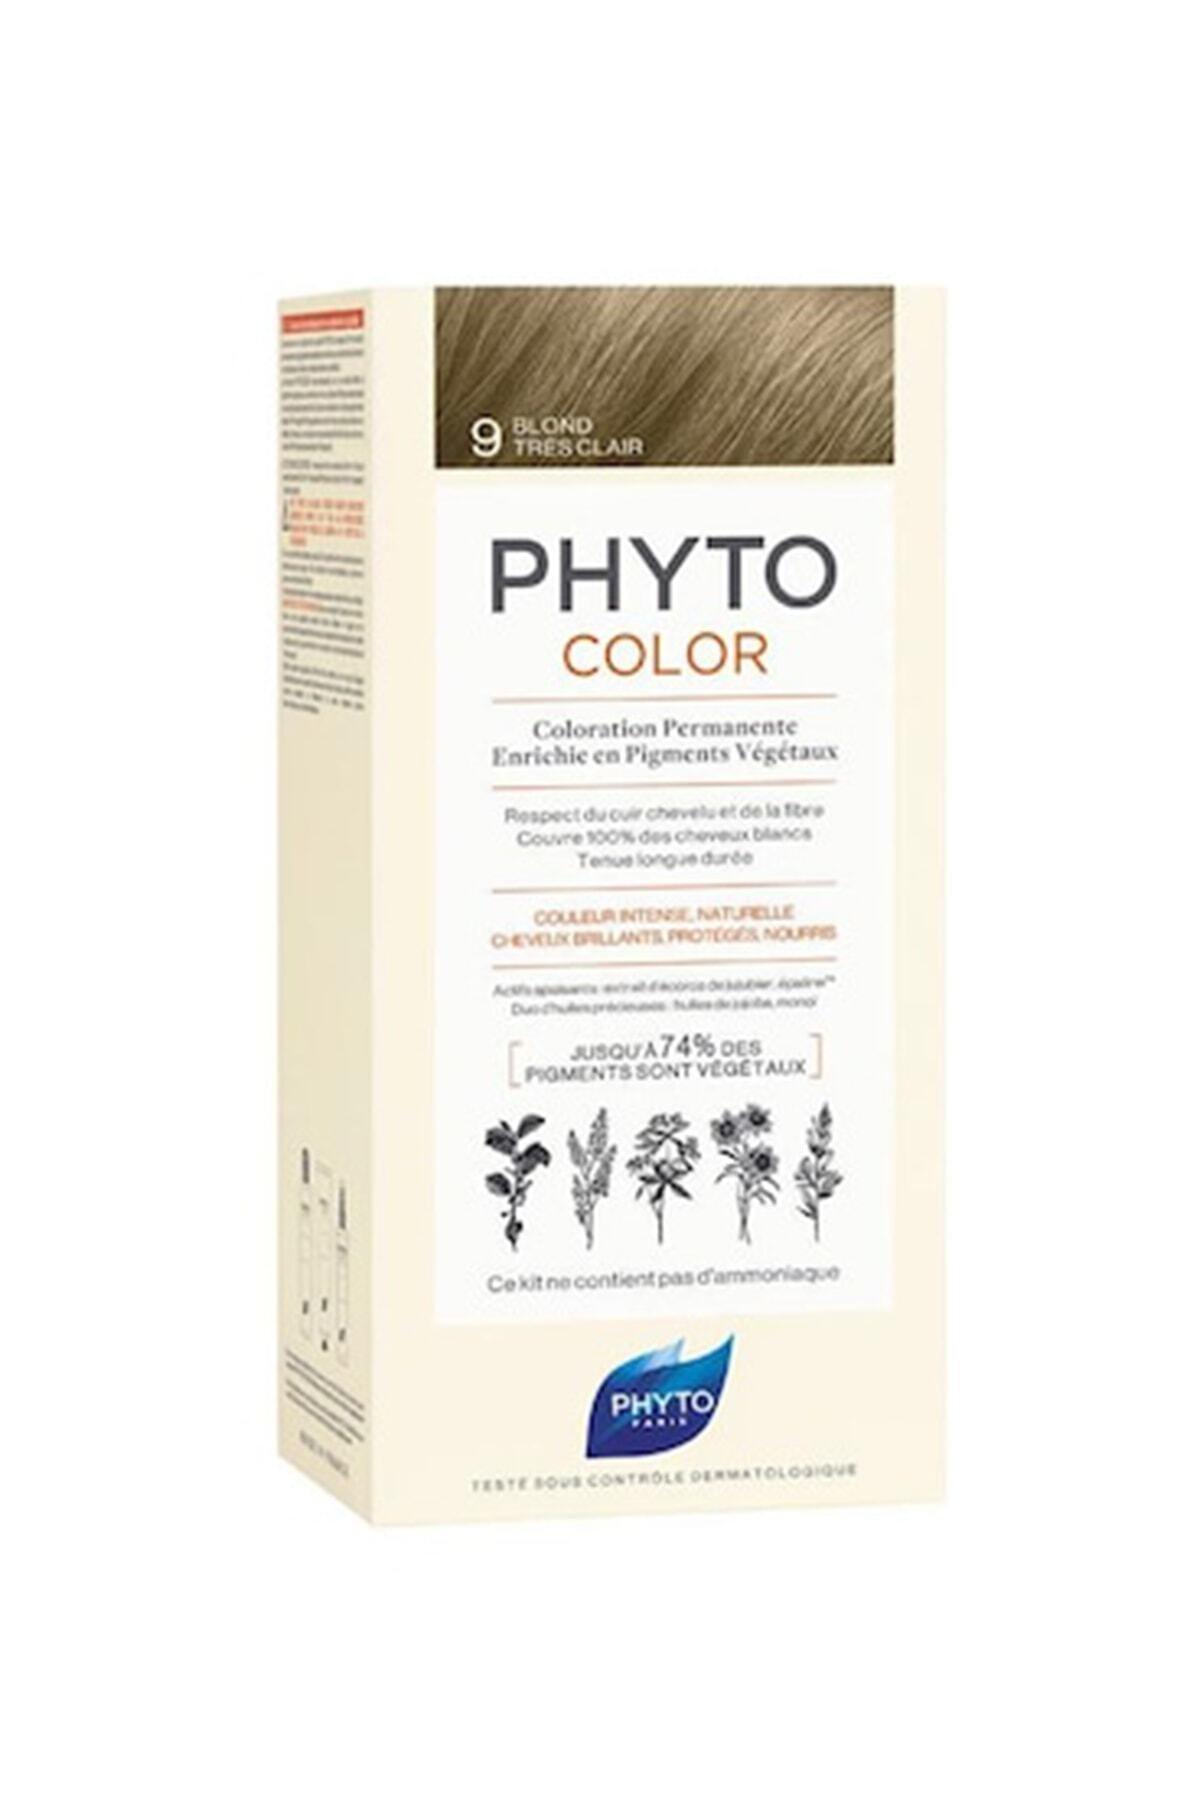 Phyto Color 9 Açık Sarı Bitkisel Saç Boyası 1